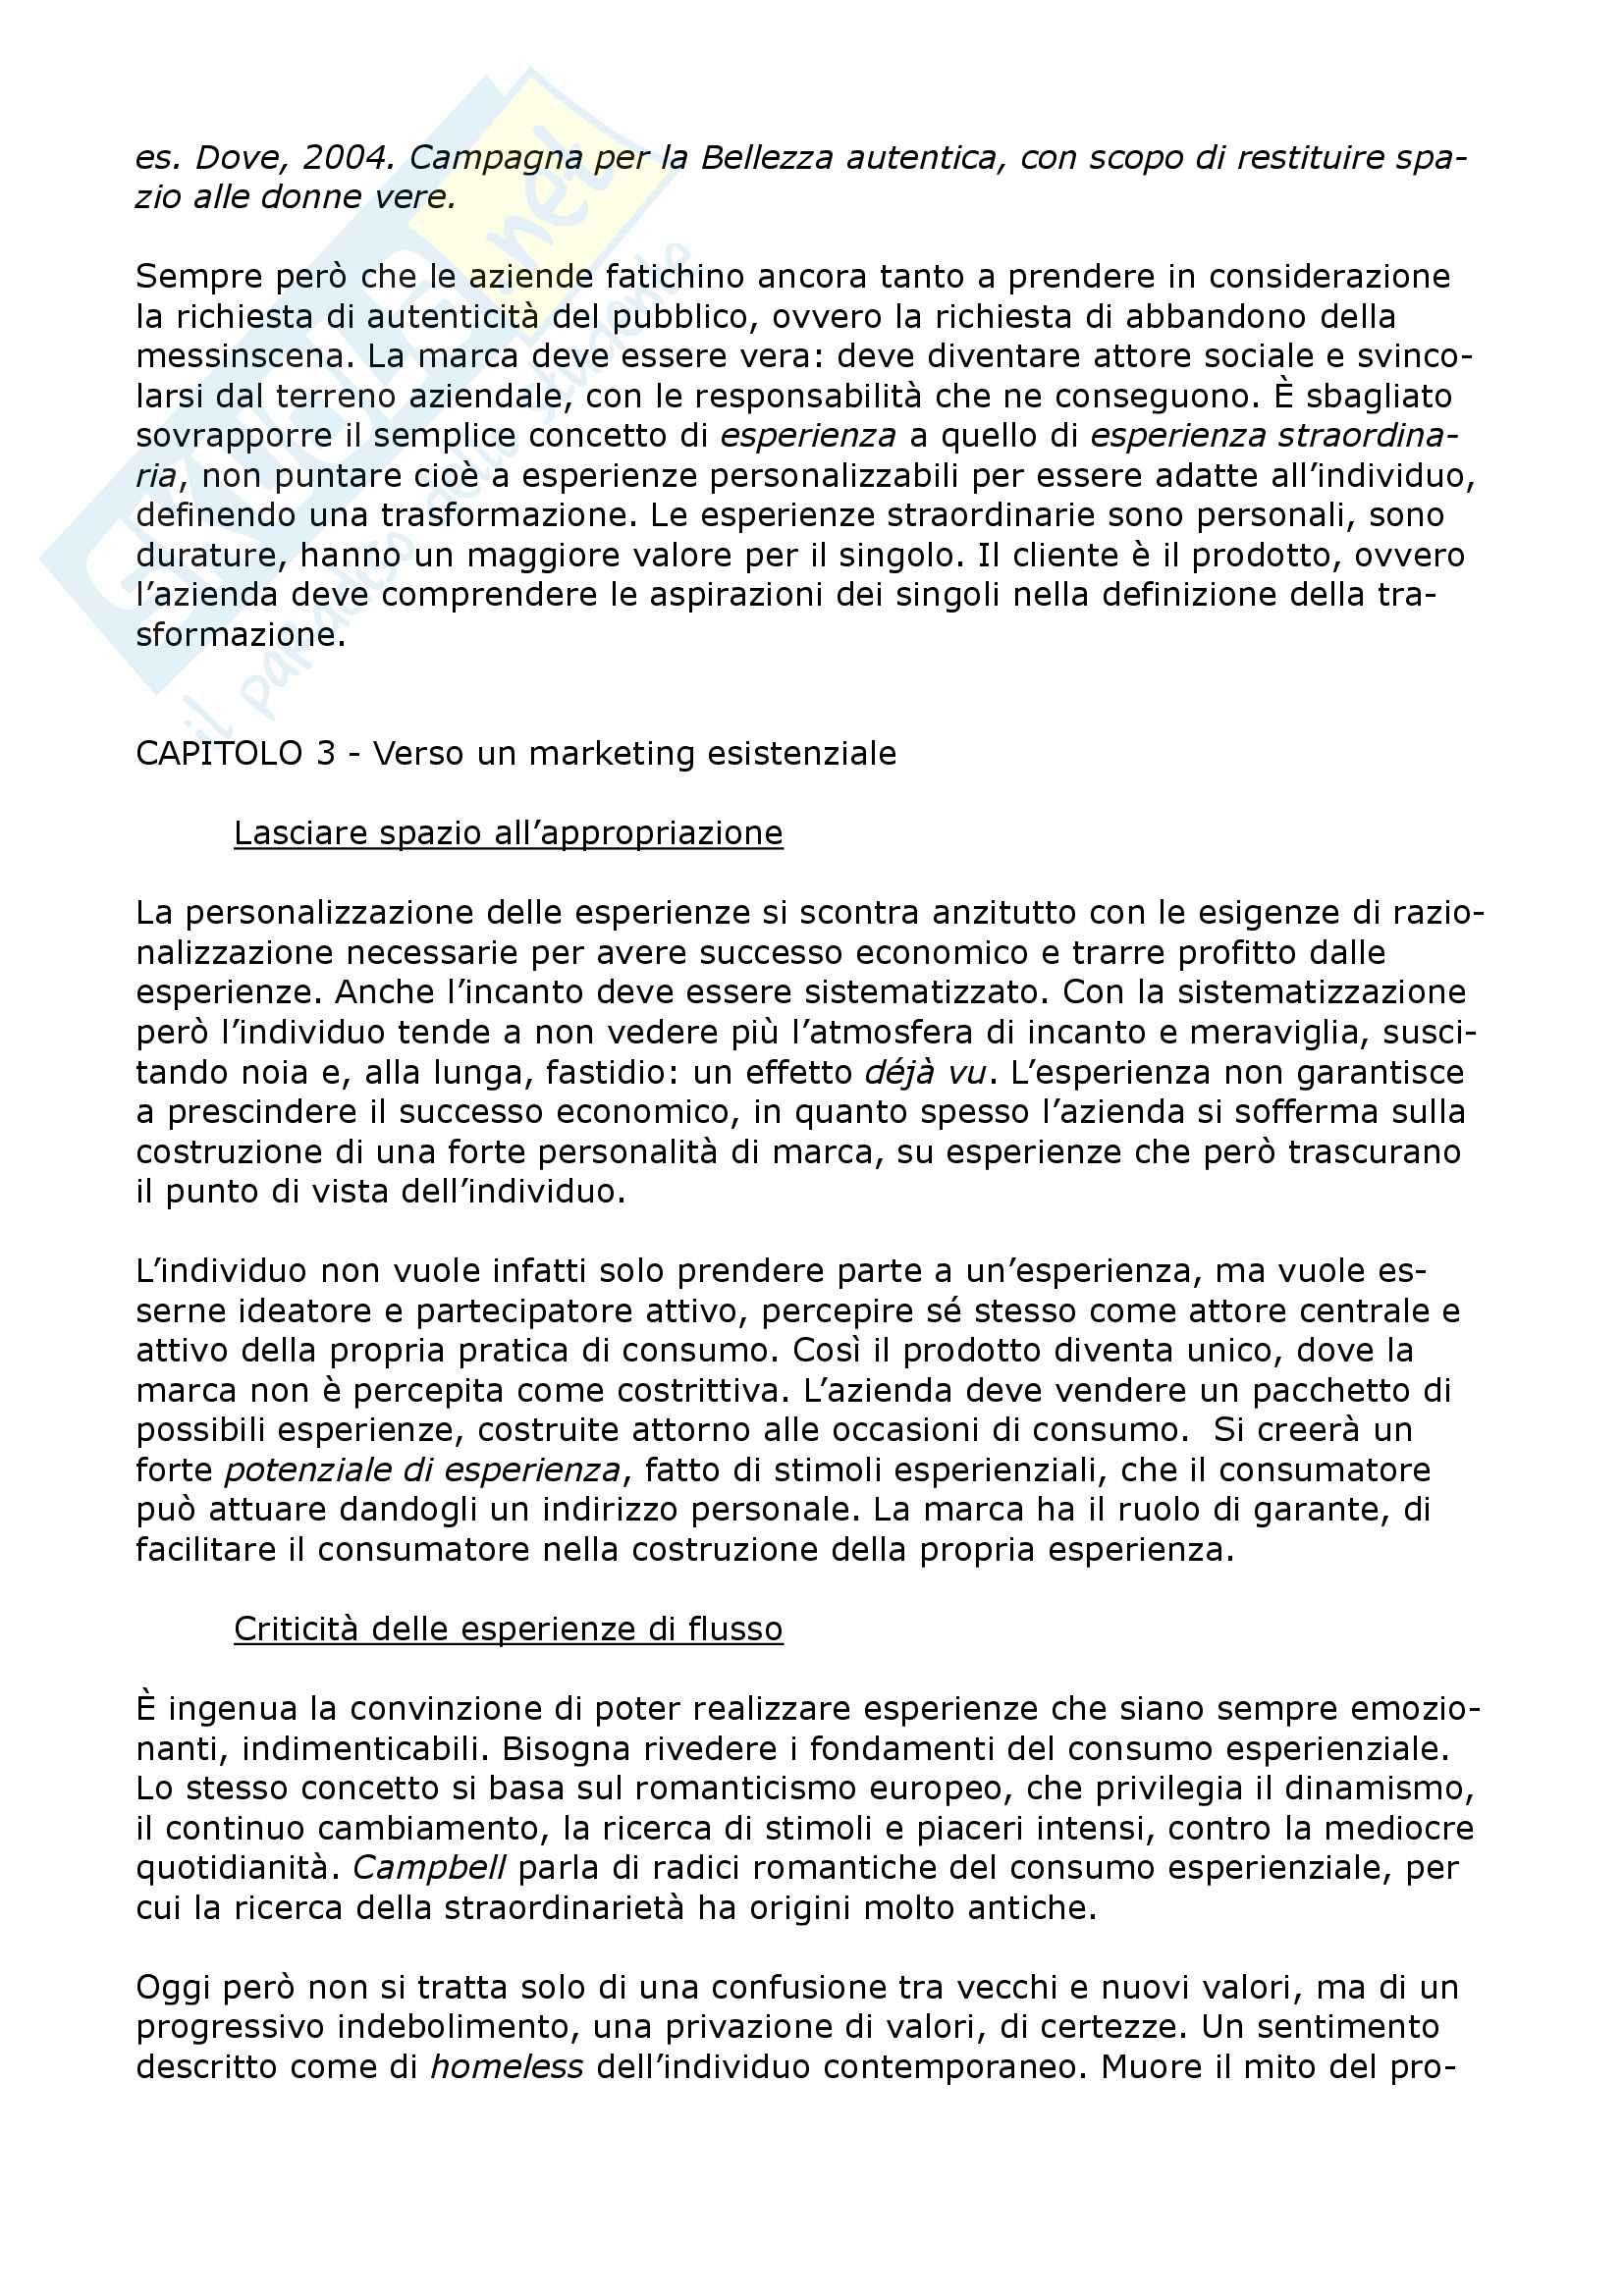 """Riassunto esame Comunicazione pubblicitaria e linguaggi mediali, prof. Boccia Artieri, libro consigliato """"Existential Marketing, Gnasso, Iabichino Pag. 6"""